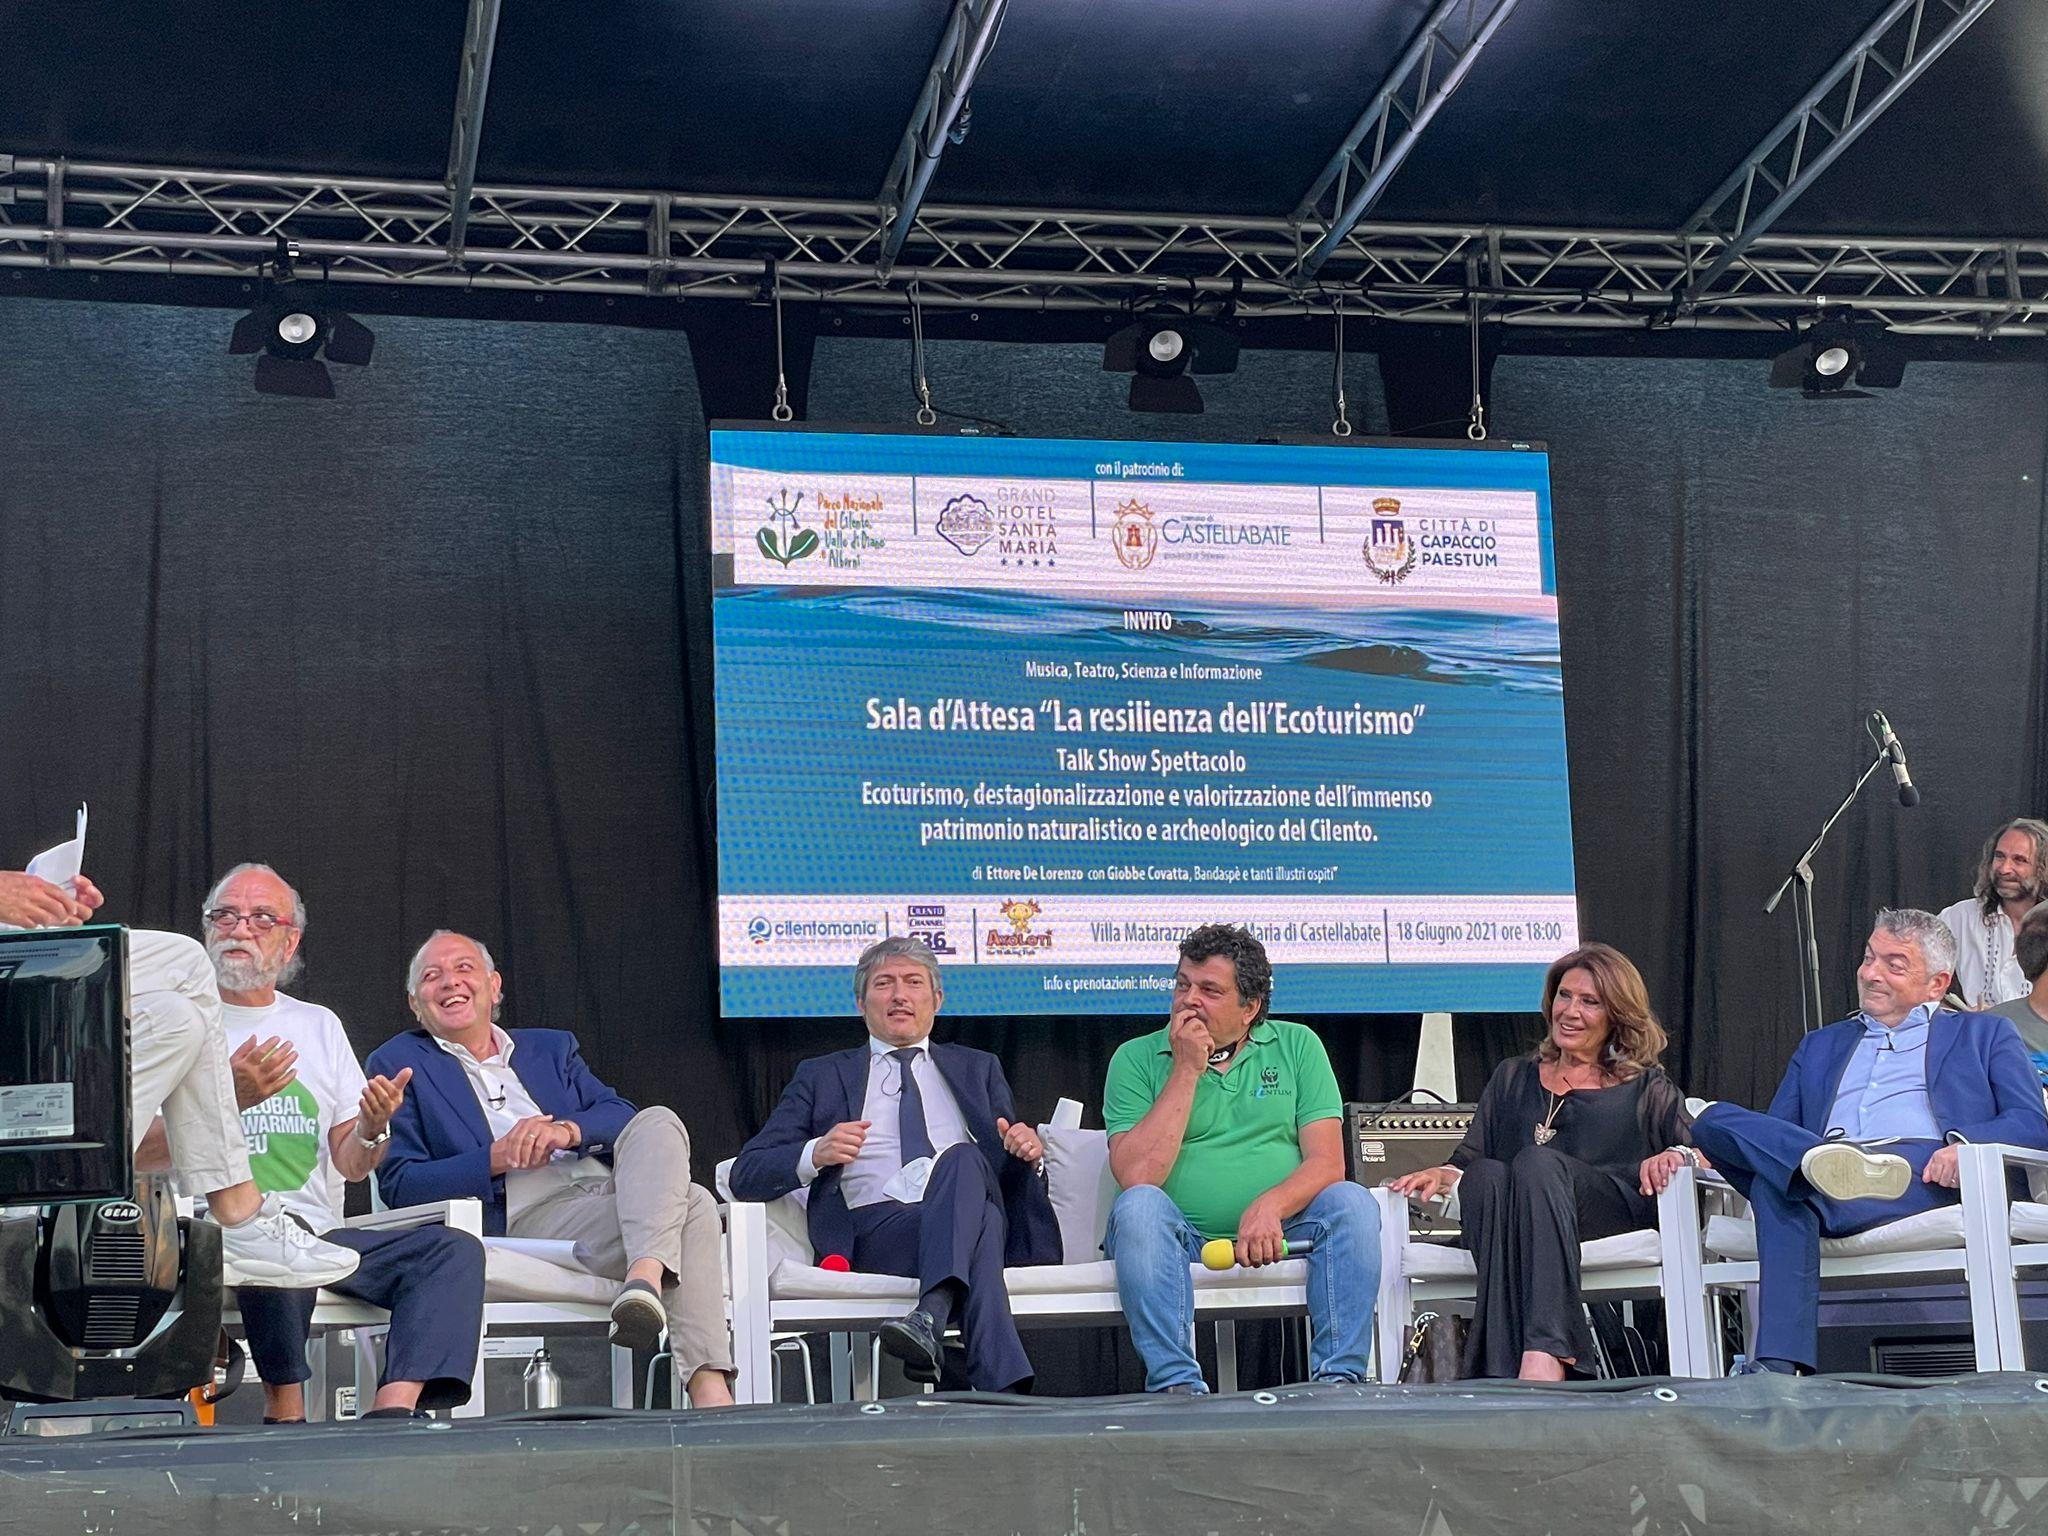 Castellabate, Tavassi (Confindustria): «Ecosostenibilità è volano»